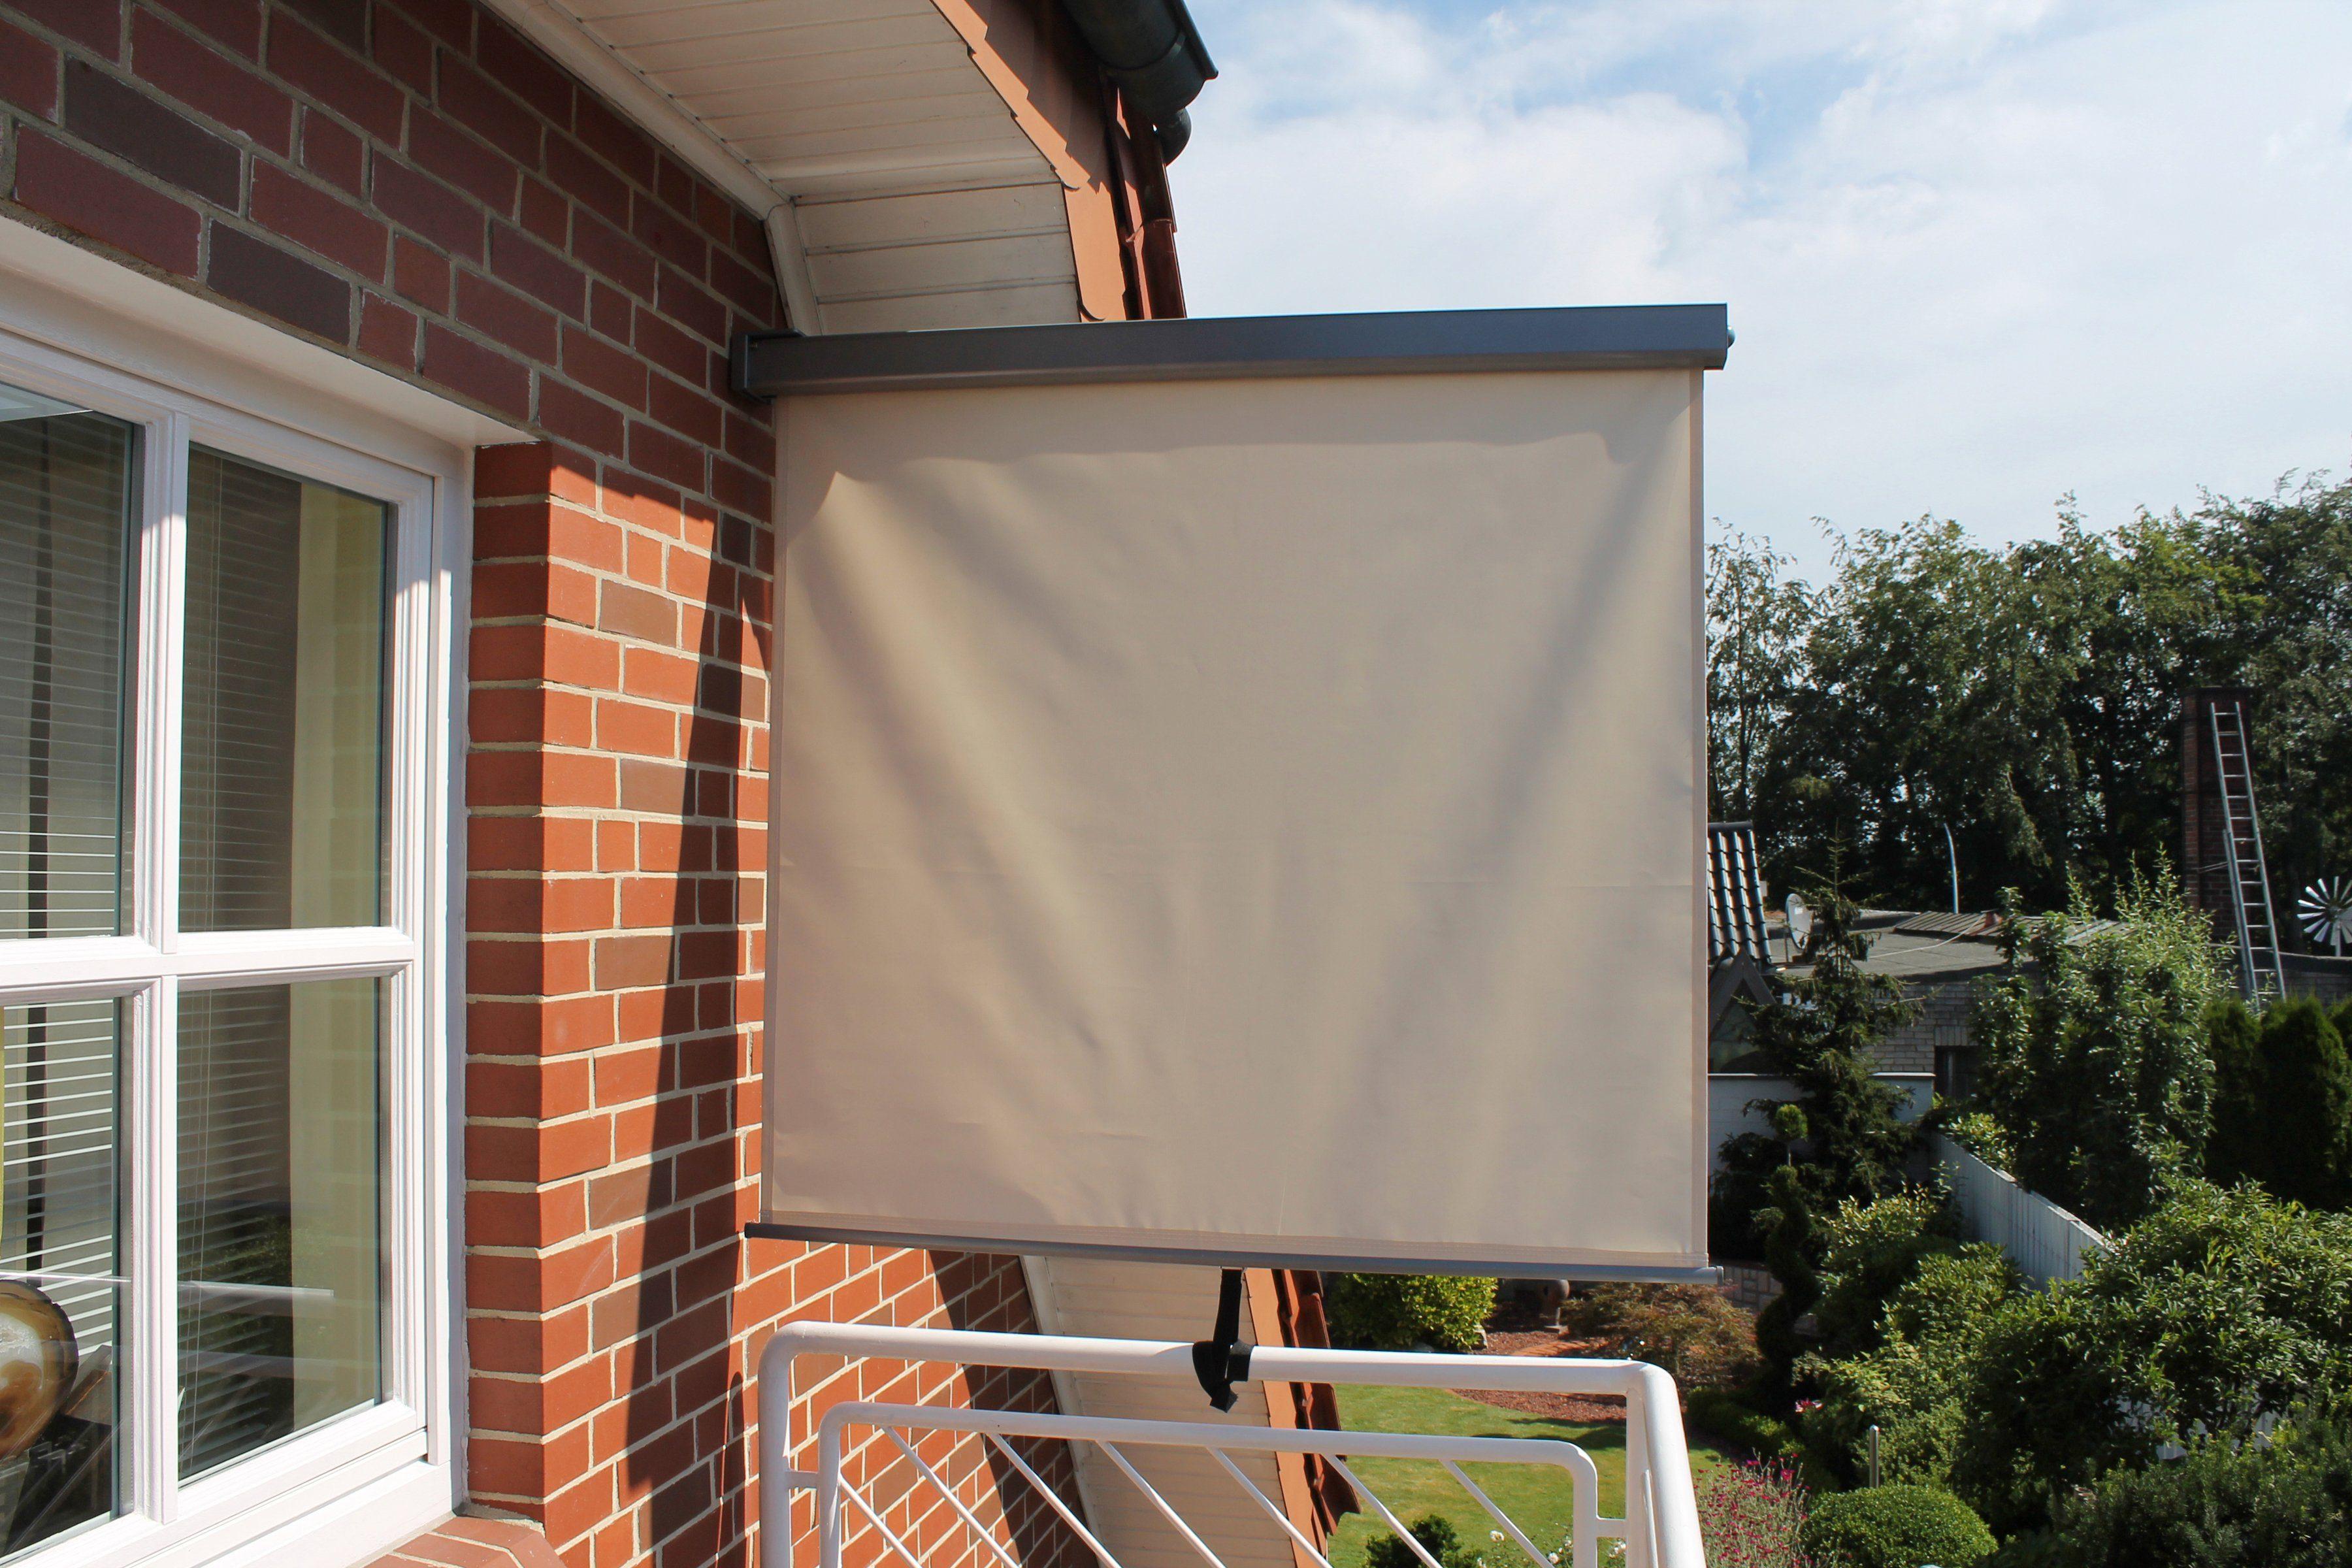 Balkonmarkise, BxH: 120 x 200 cm, naturfarben